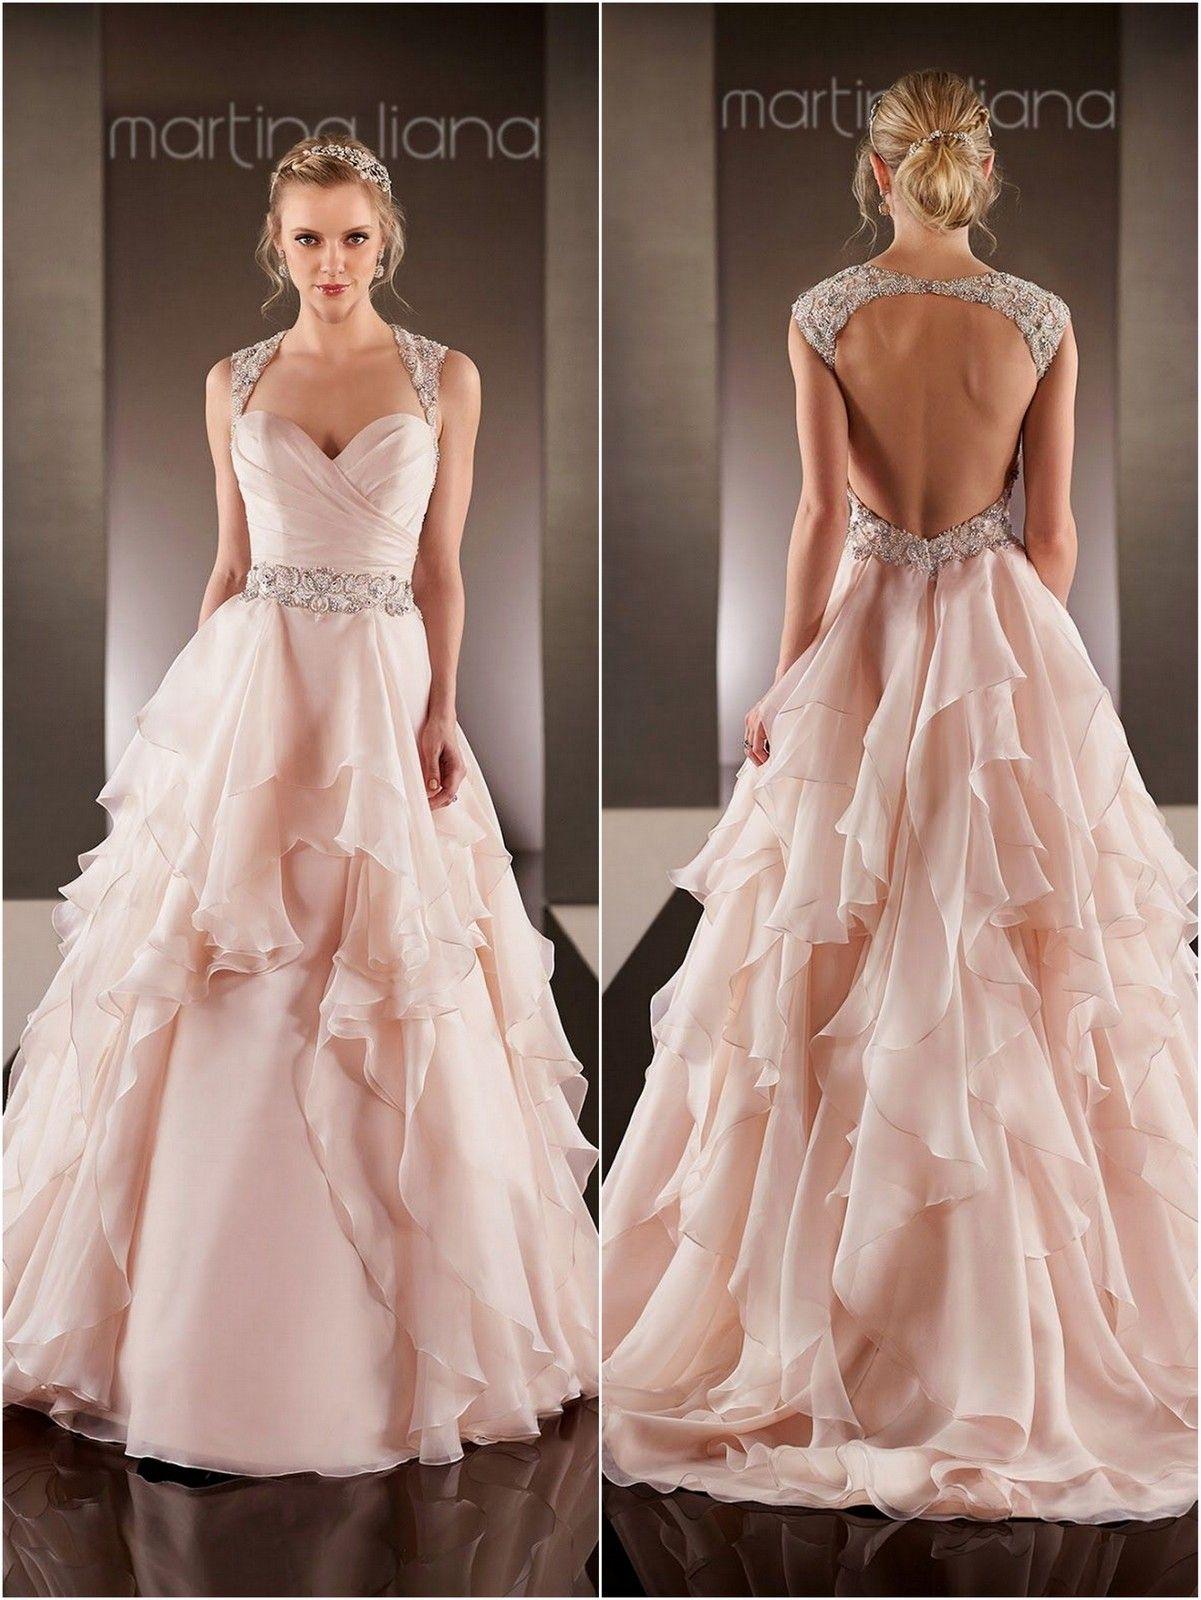 Martina Liana Wedding Dresses   Martina Liana   Pinterest   2015 ...